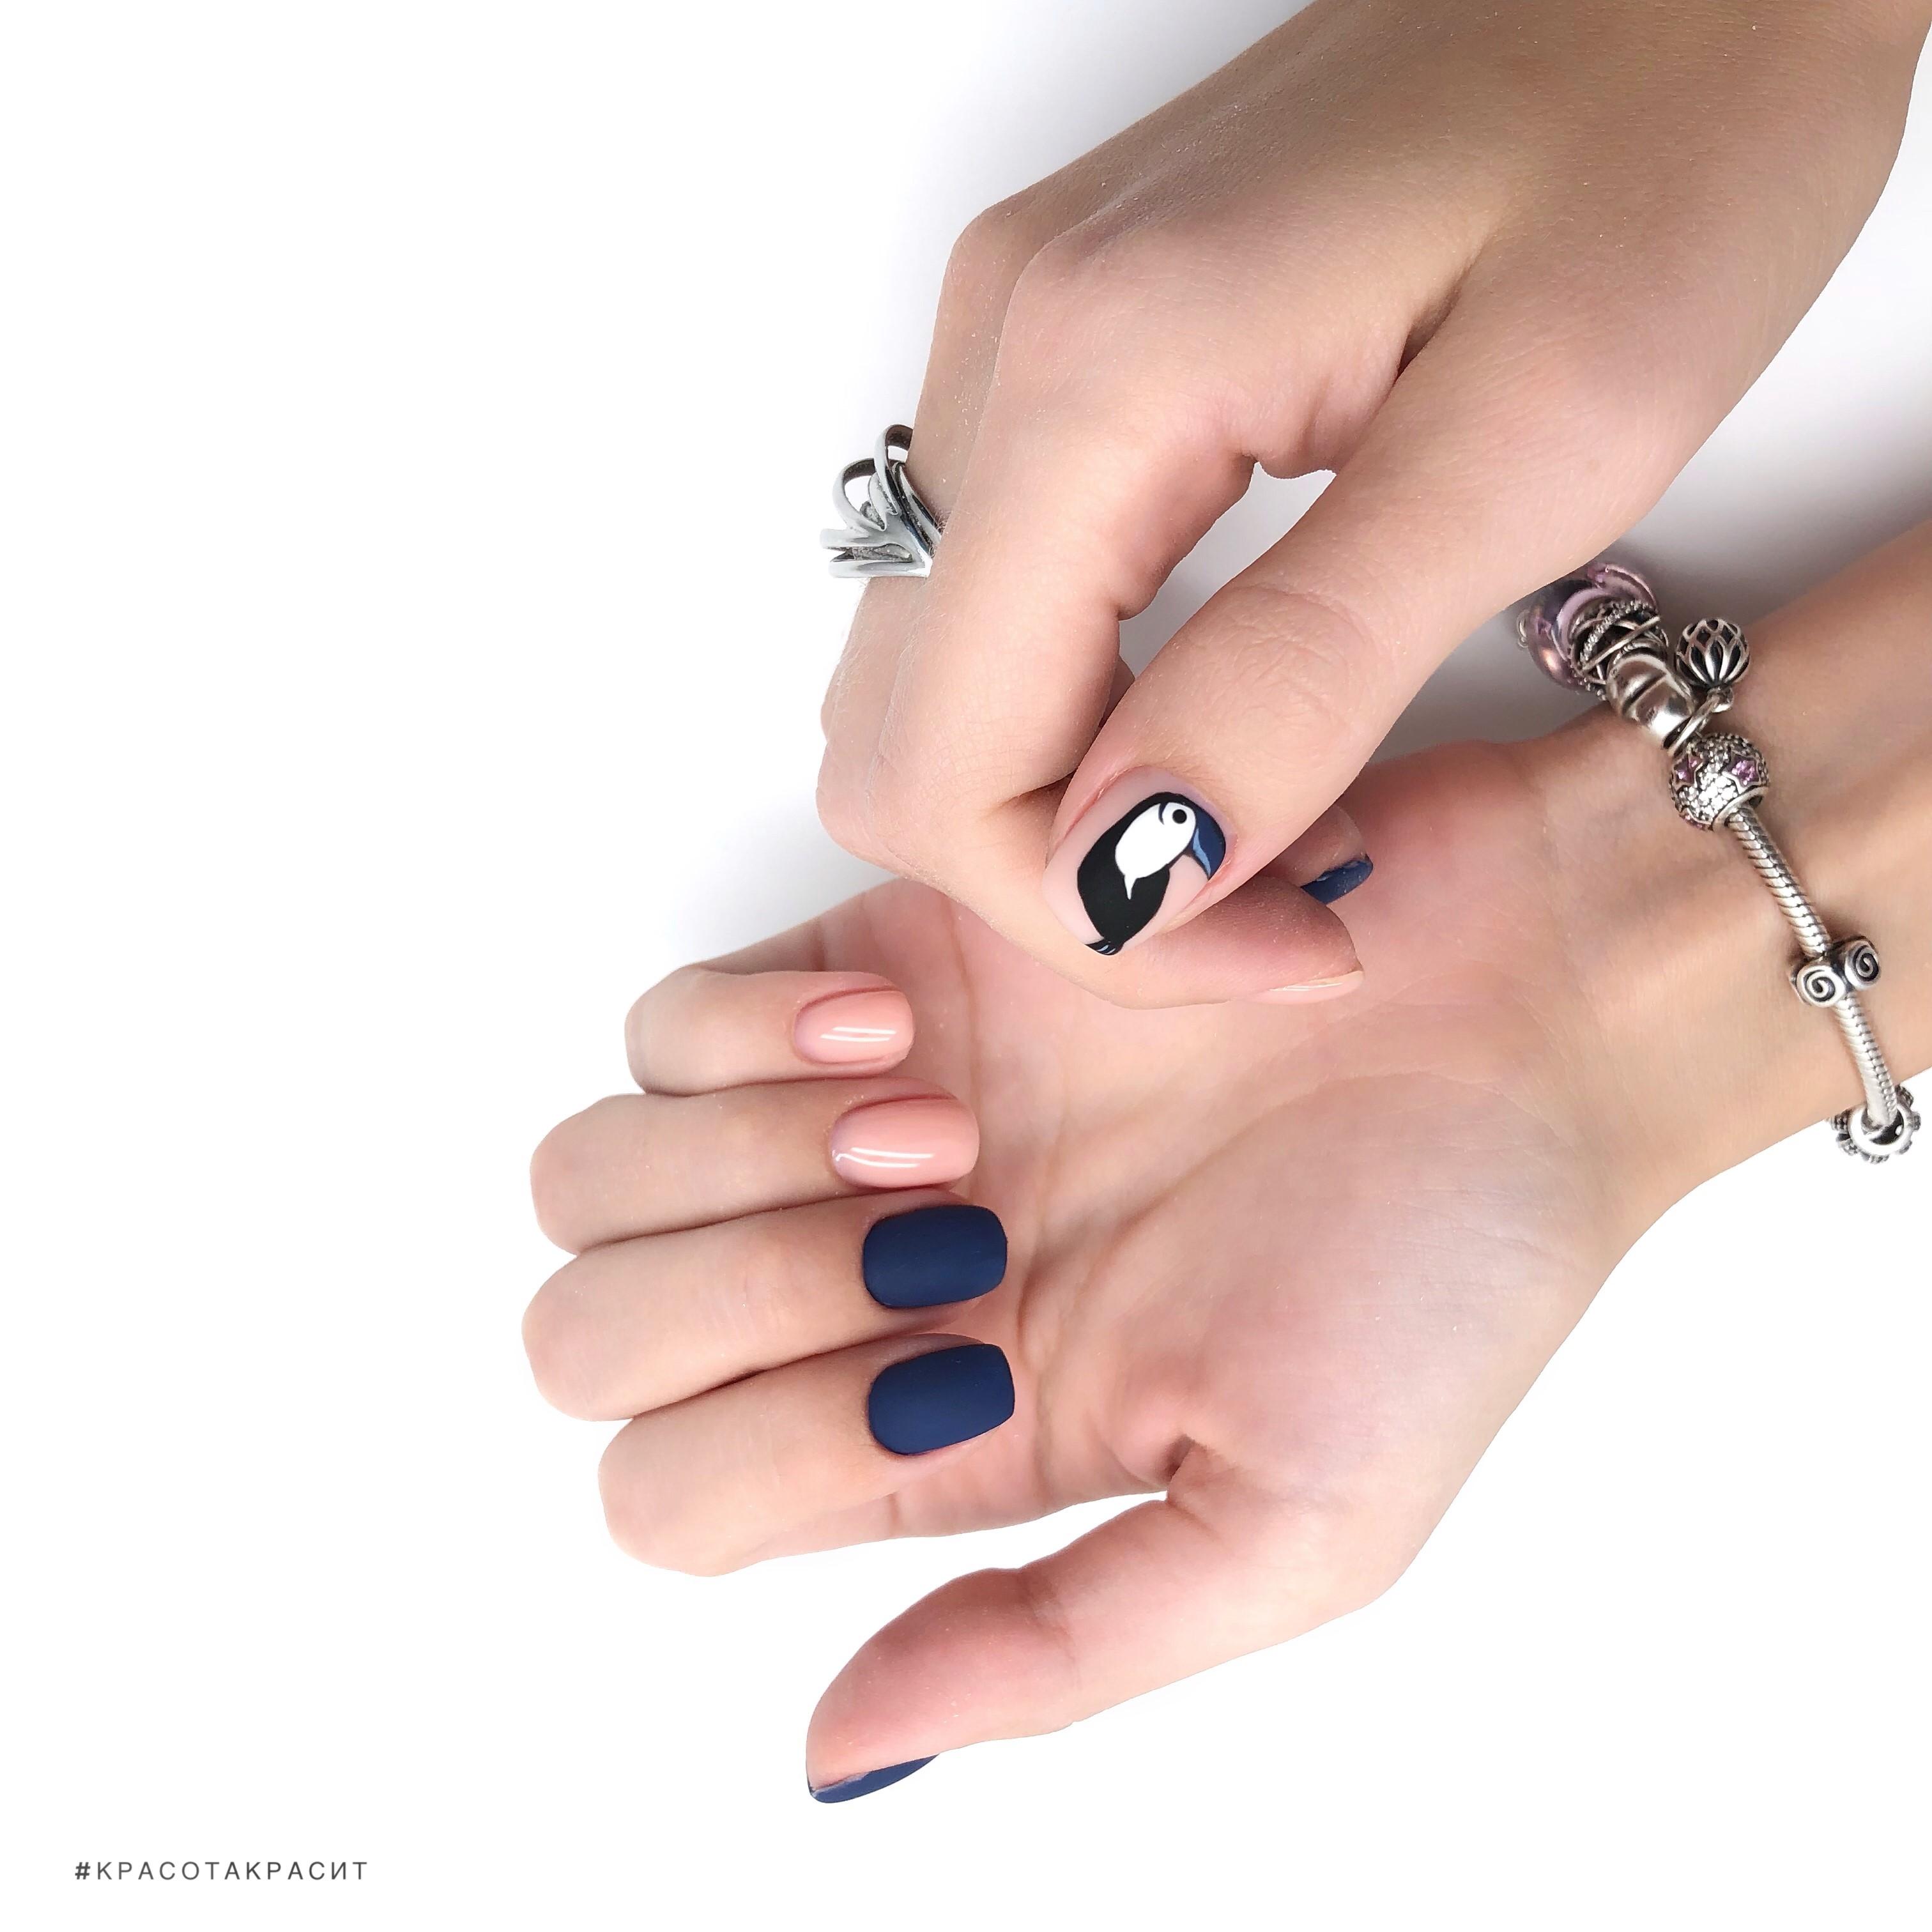 Матовый маникюр с туканом в темно-синем цвете на короткие ногти.